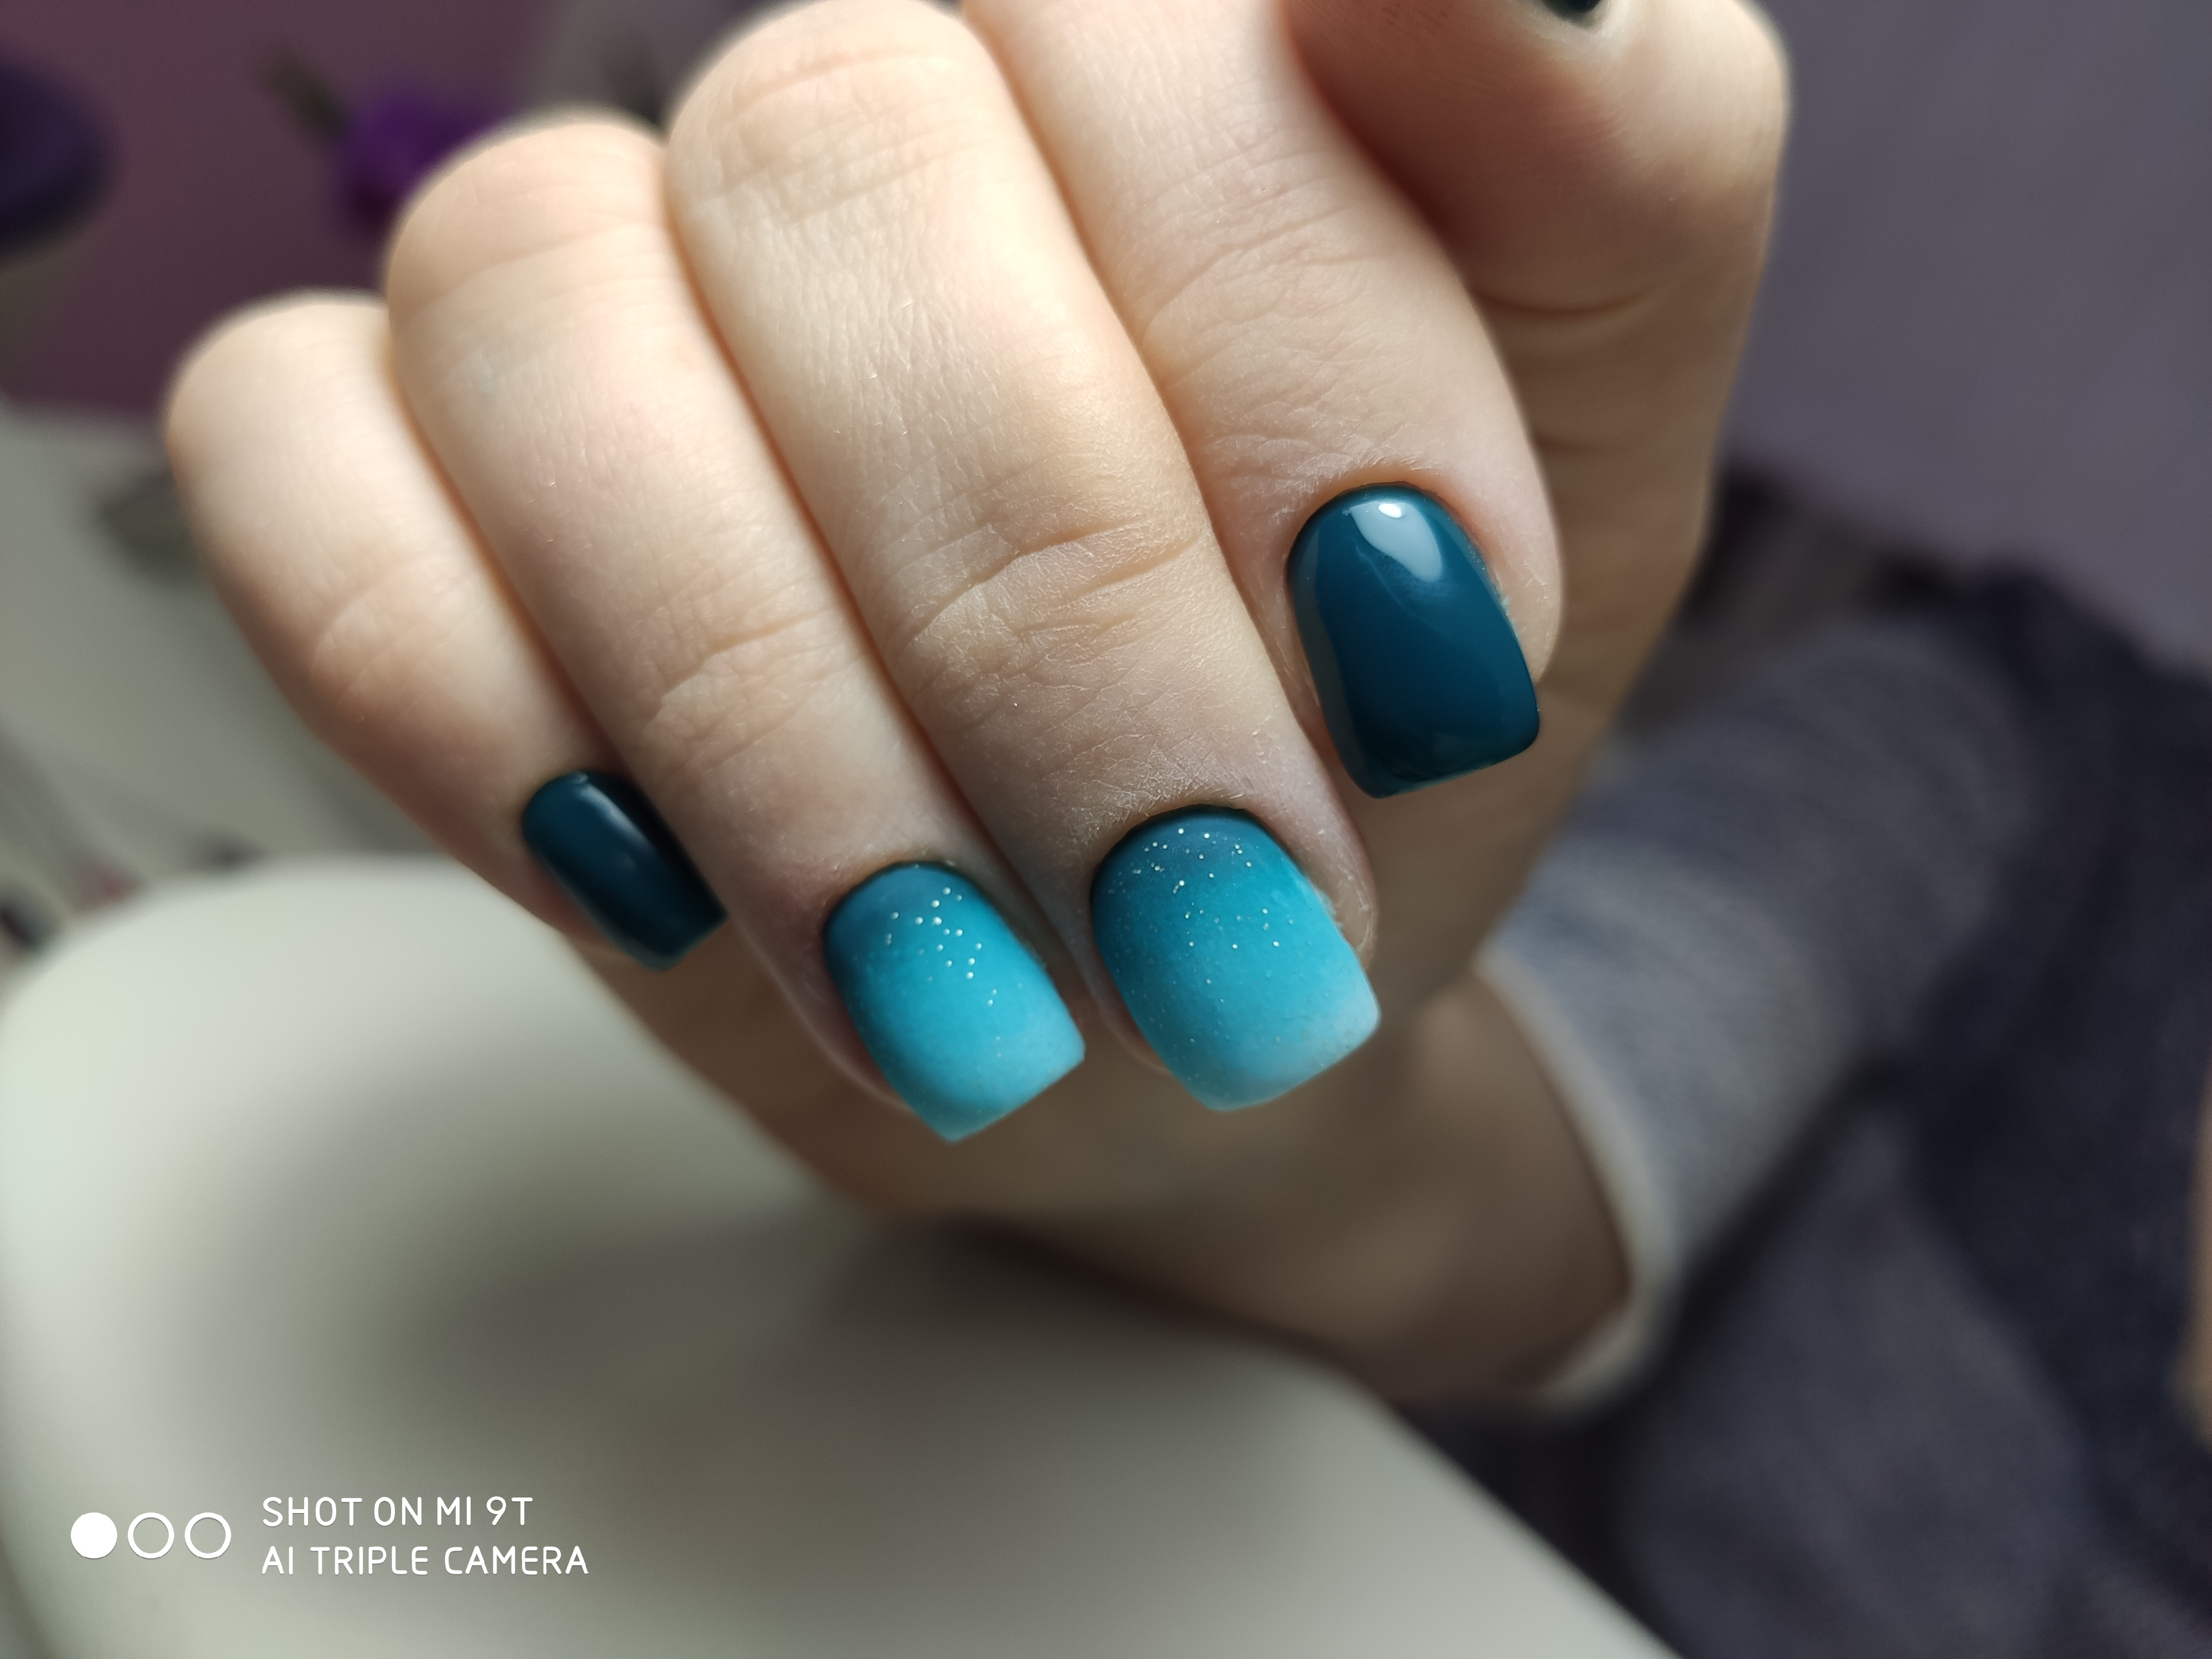 Маникюр с матовым градиентом в темно-синем цвете